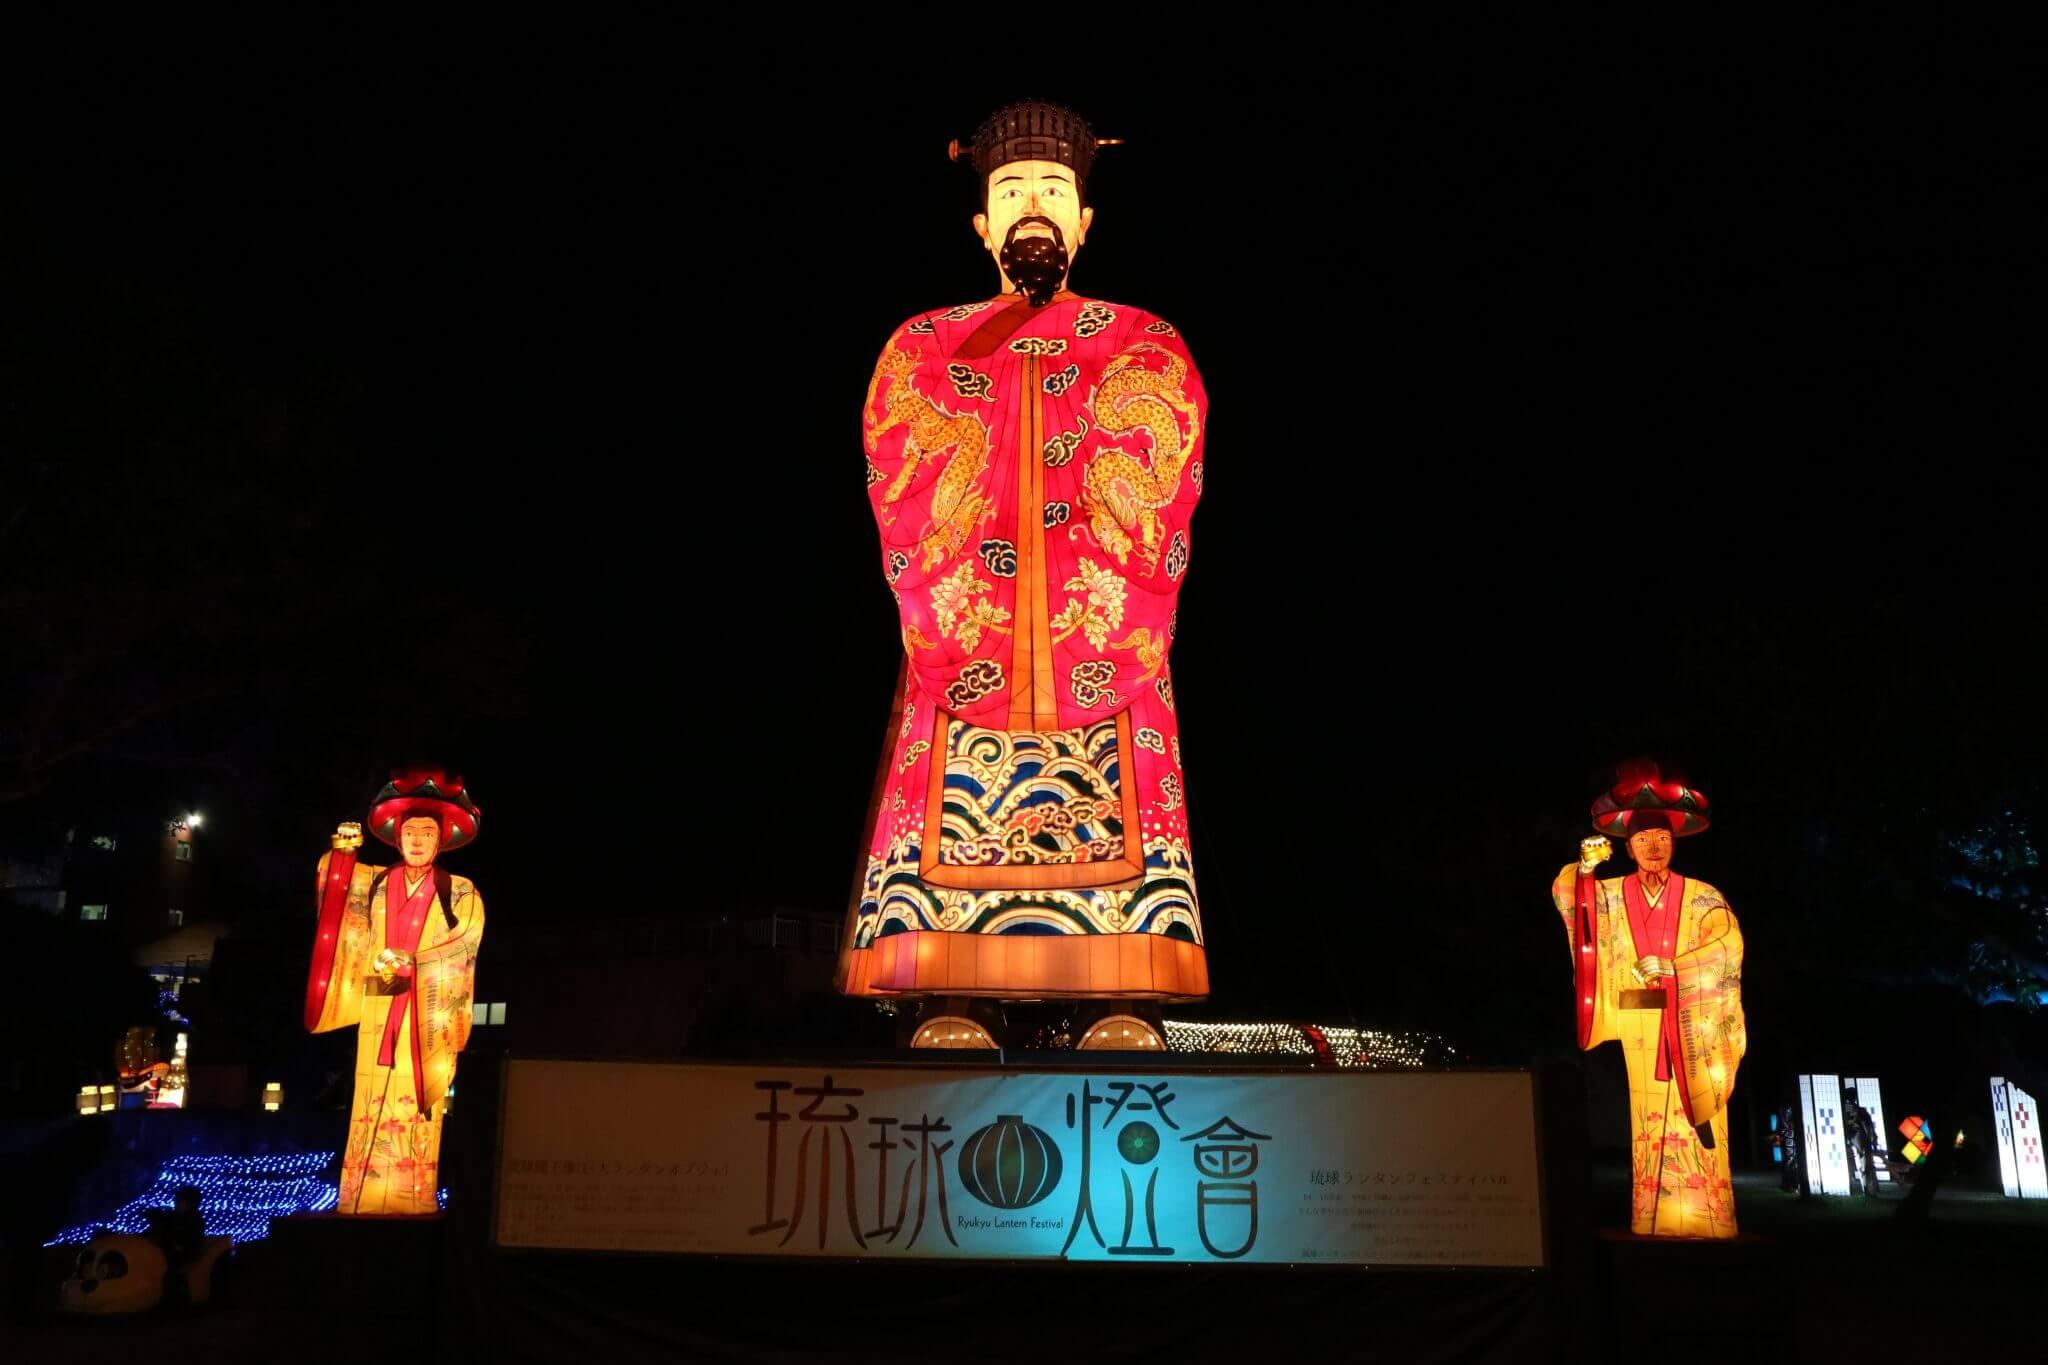 【読谷村】体験王国むら咲むら・冬の夜「琉球ランタンフェスティバル」に行ってきました